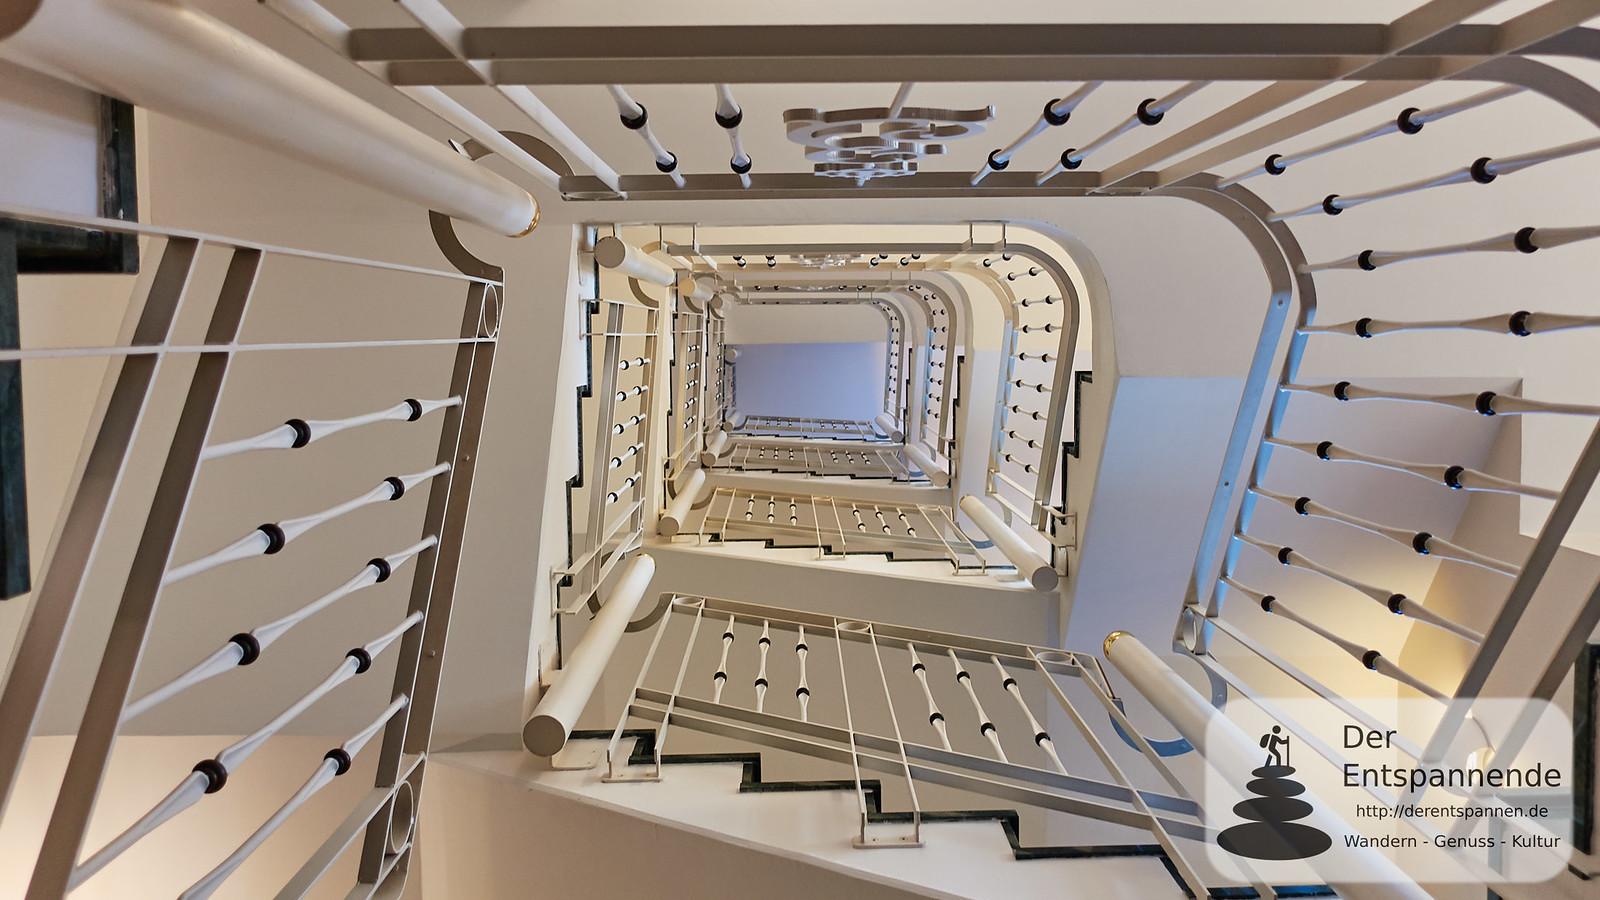 Treppenhaus im Hotel Erbprinz Ettlingen